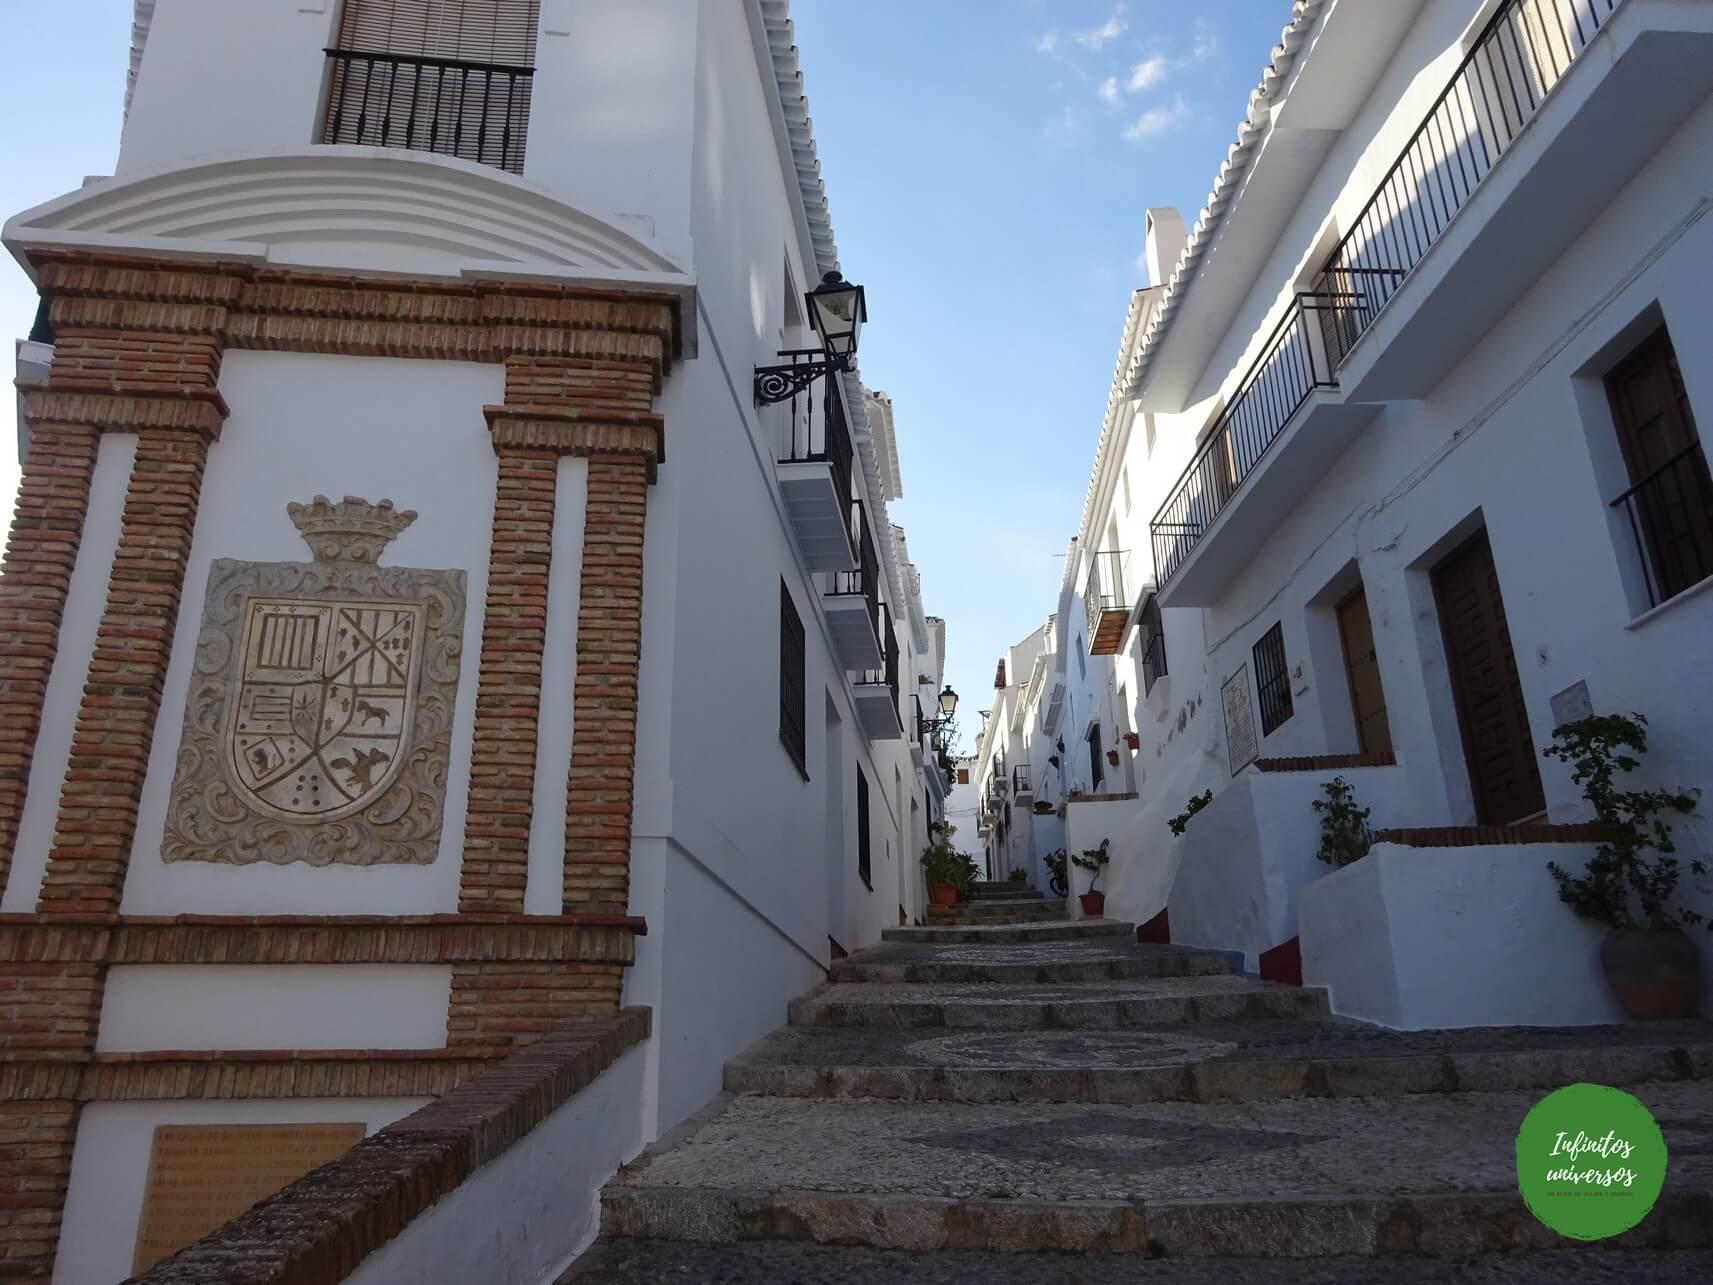 Qué ver en Frigiliana, uno de los pueblos más bonitos de Andalucía